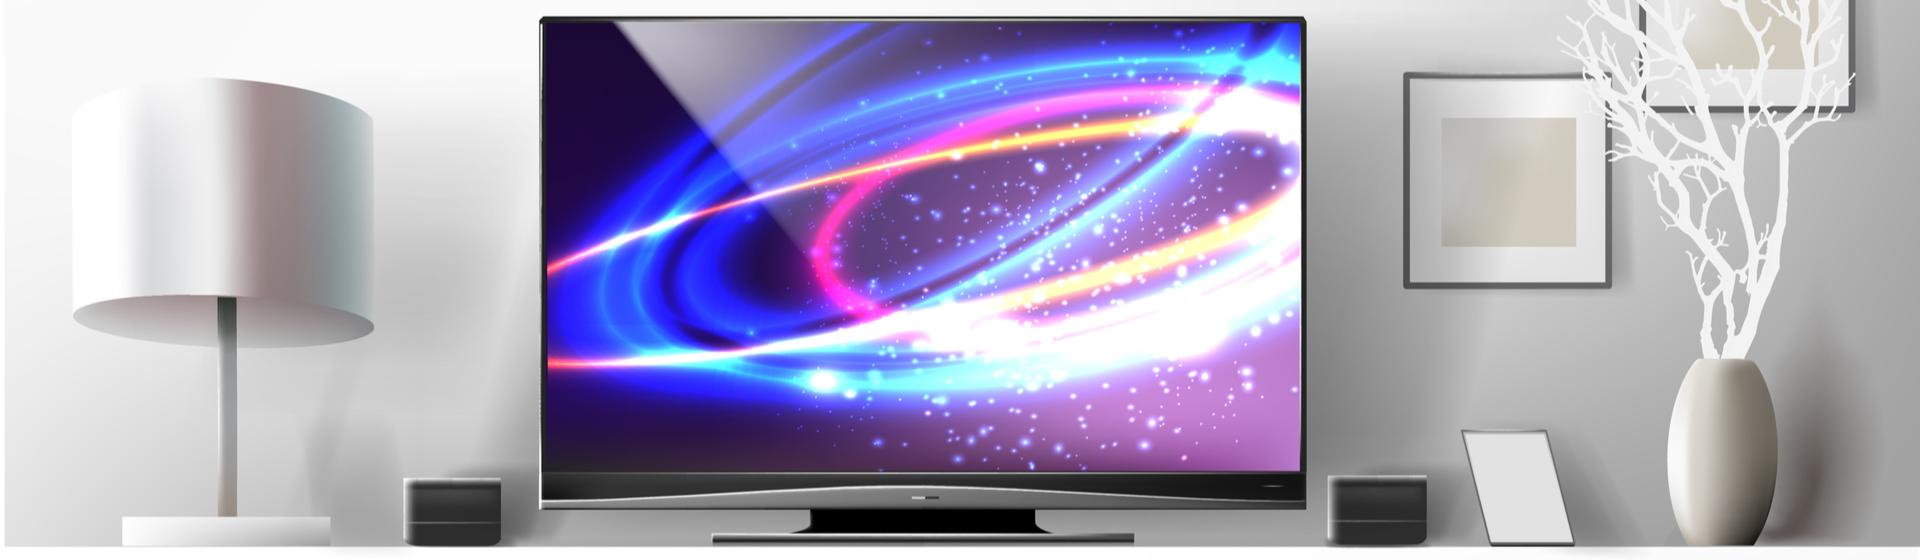 TVs com Android: veja como funcionam aparelhos com esse sistema operacional